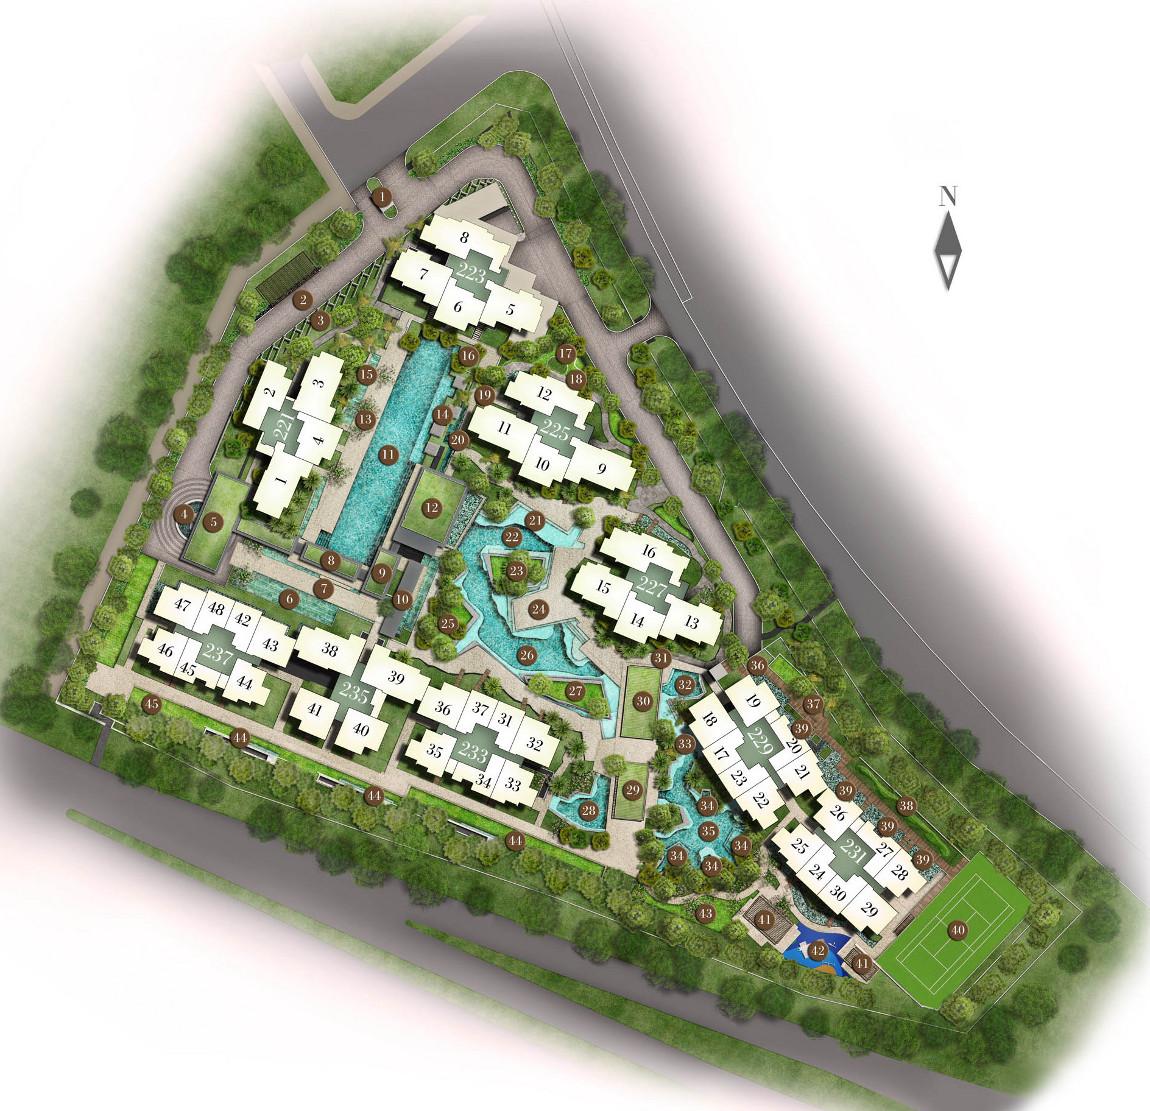 Botanique Site Plan Layout